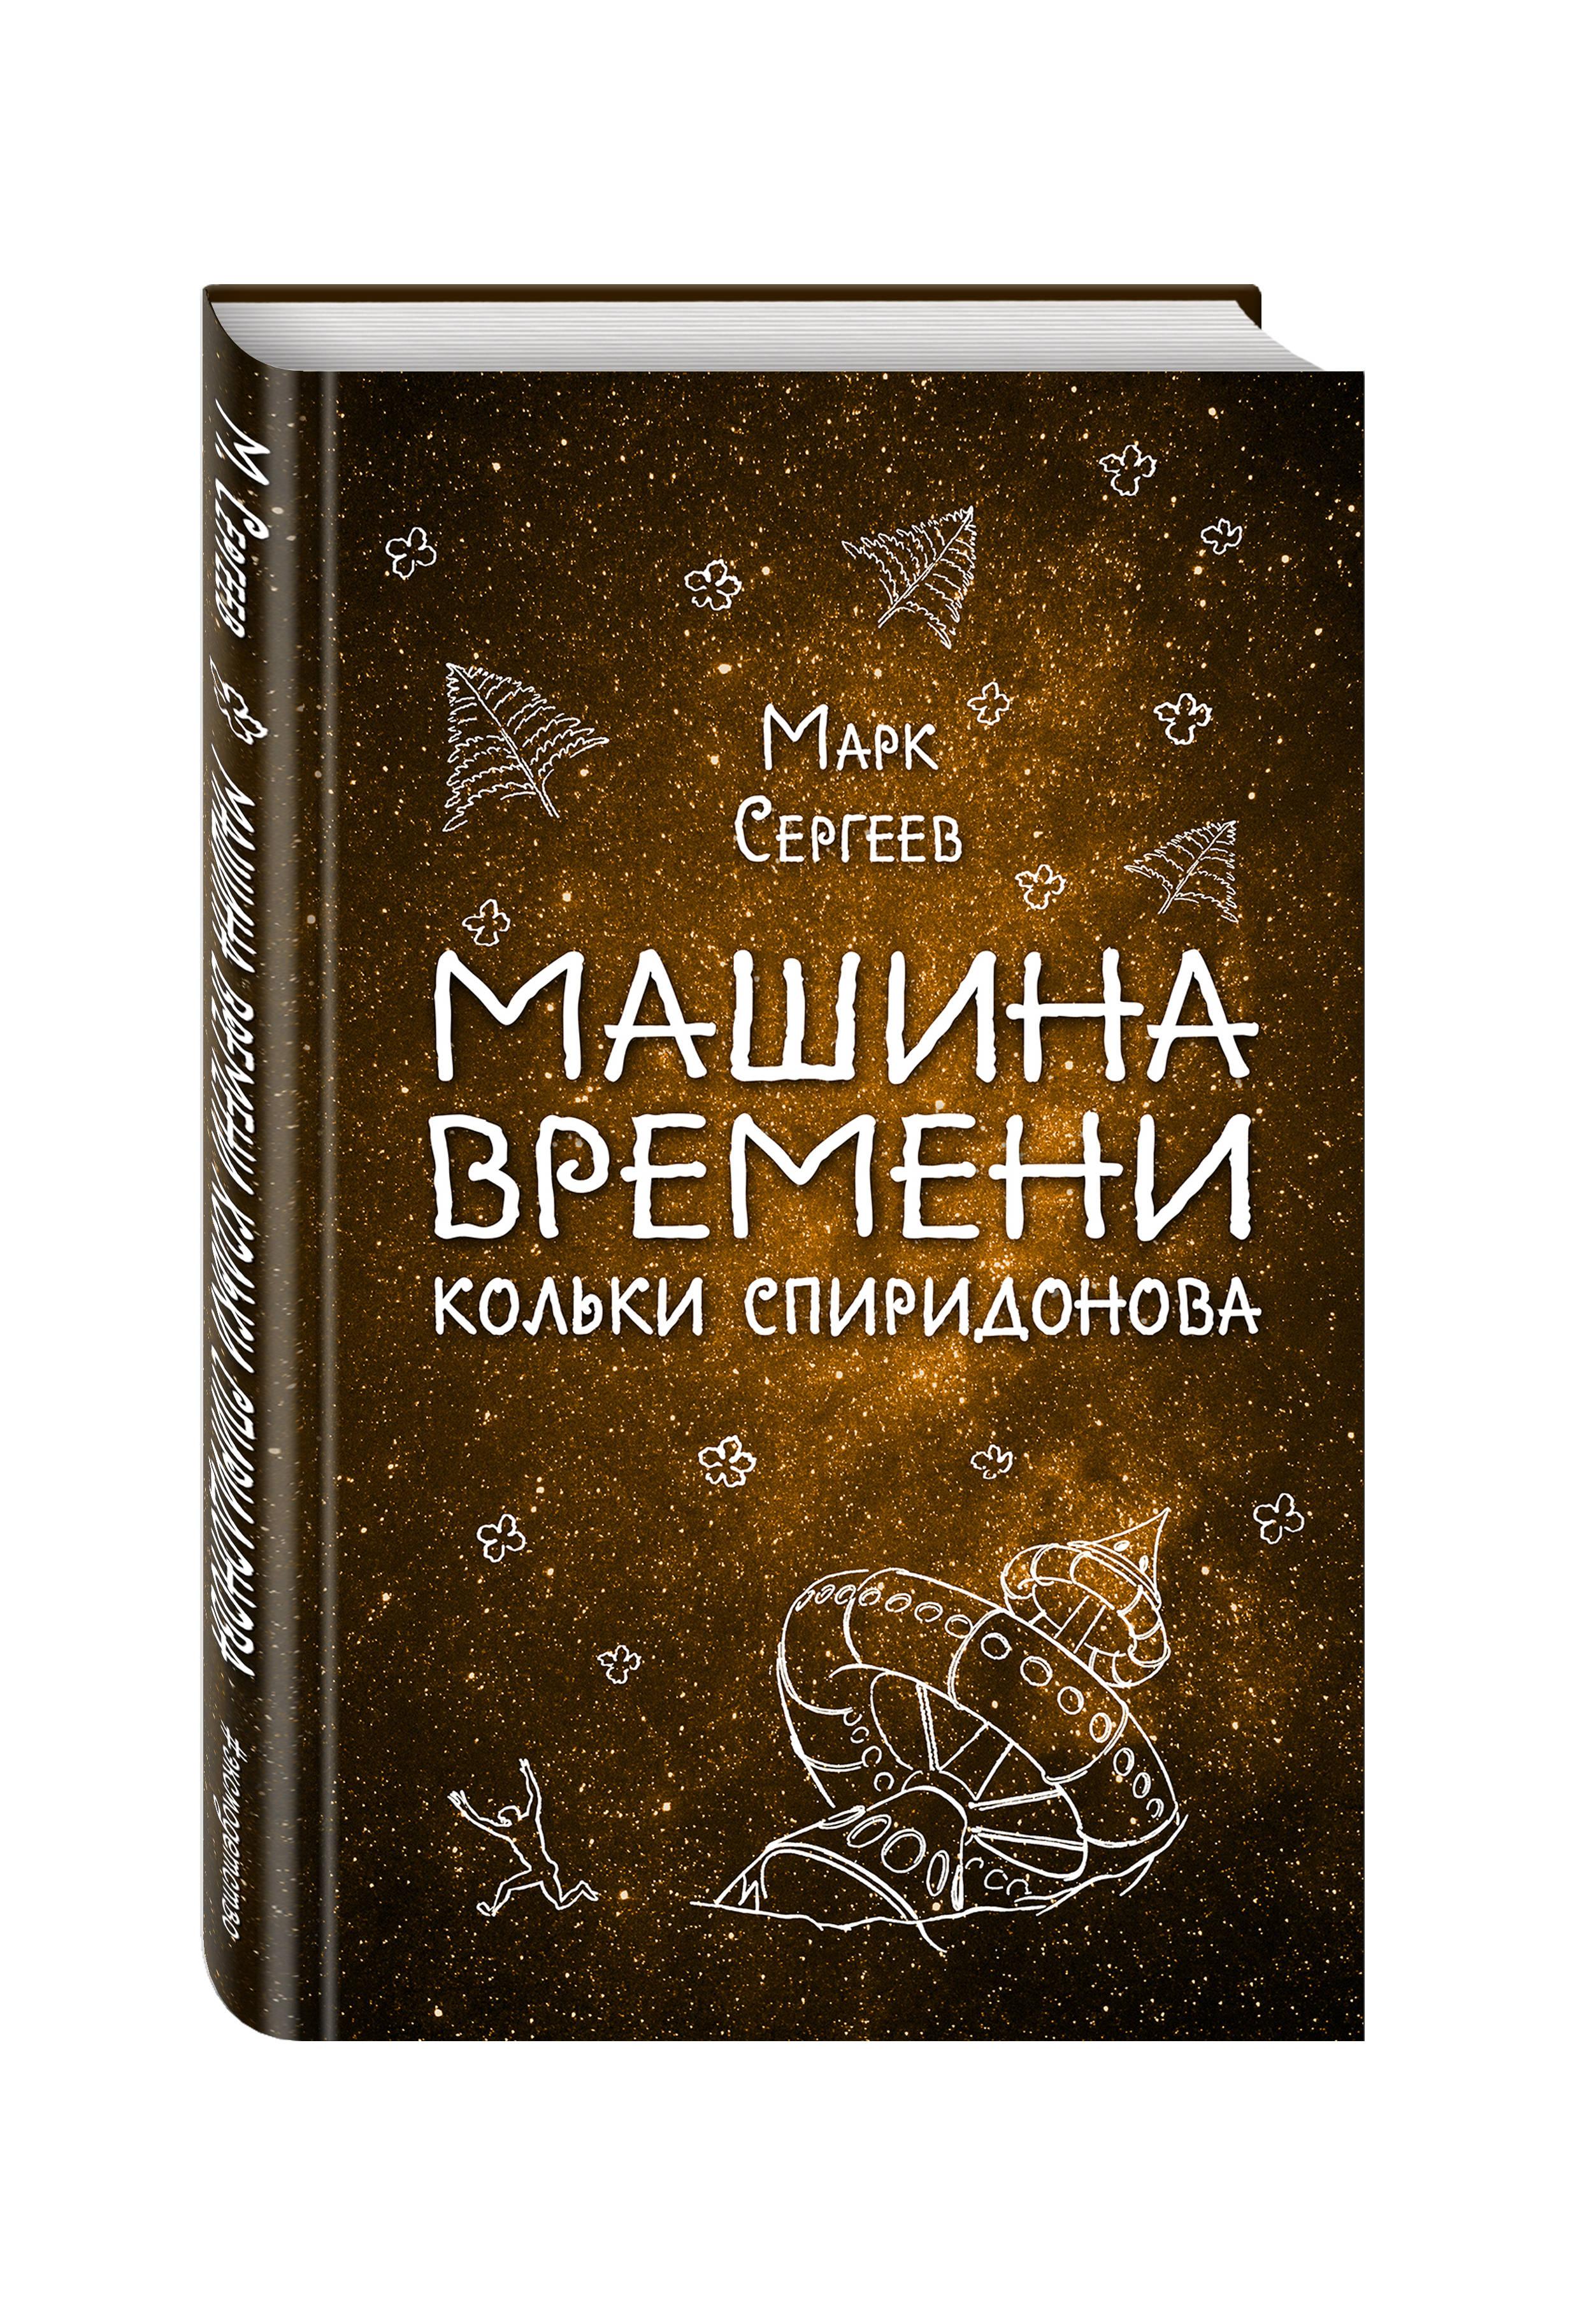 Машина времени Кольки Спиридонова ( Сергеев М.Д.  )